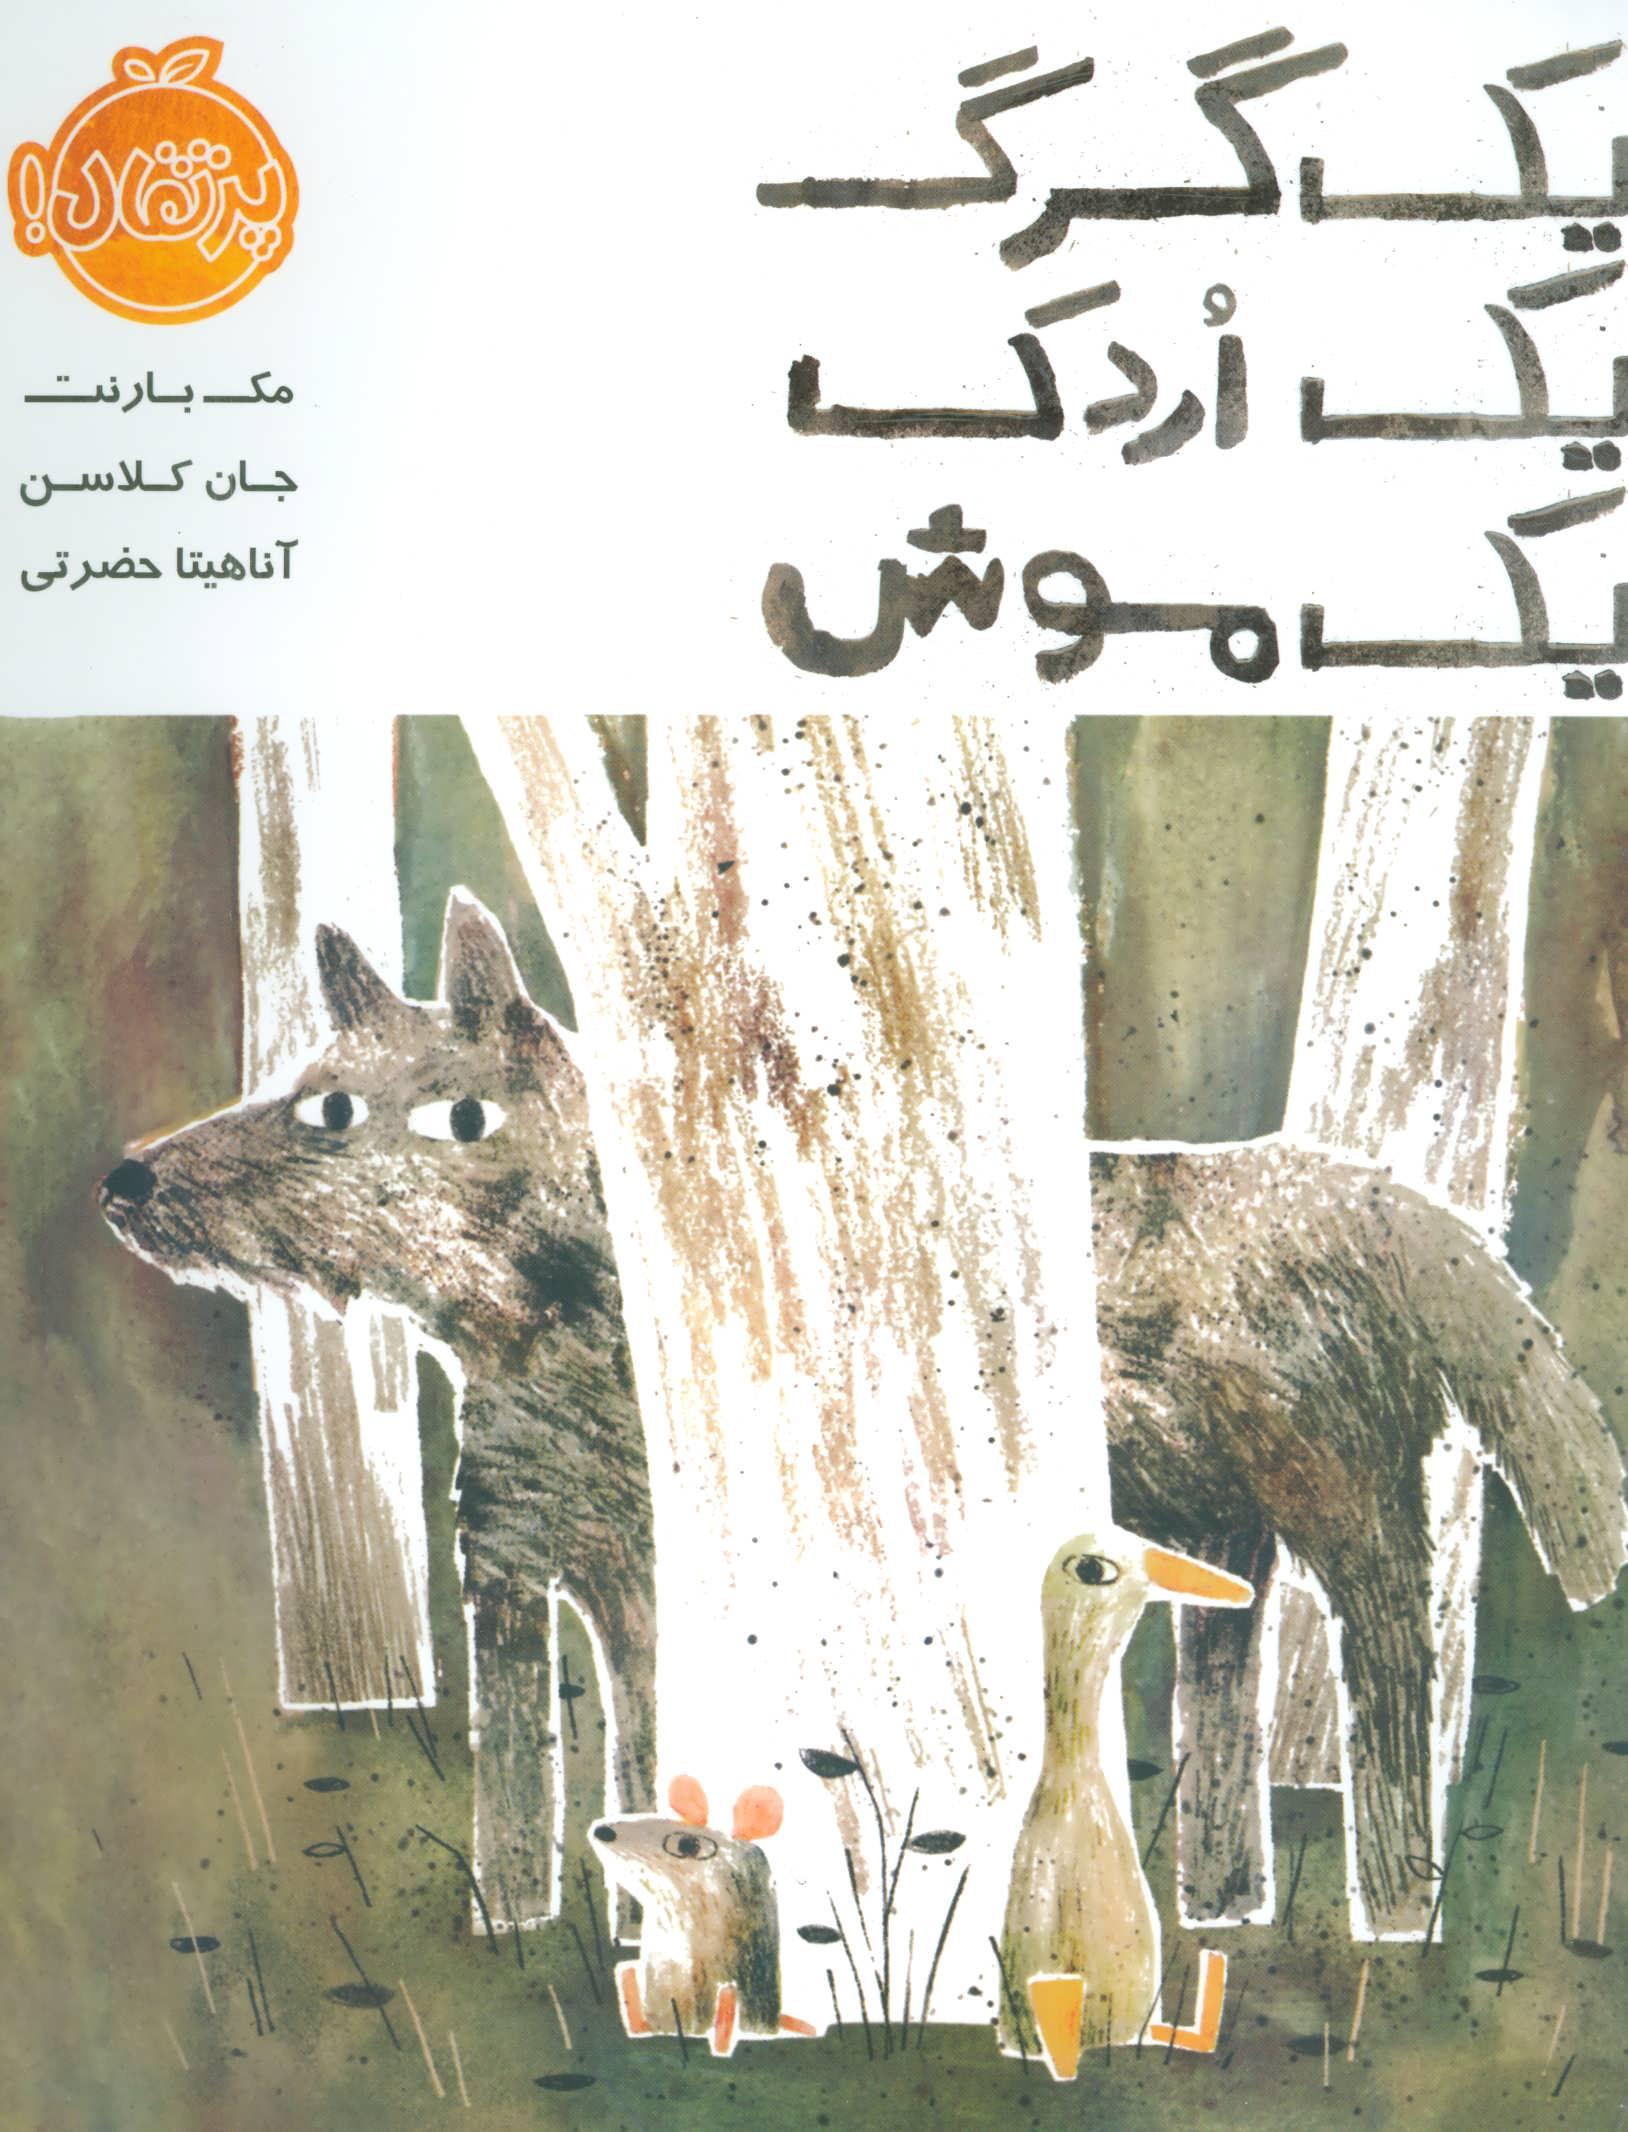 یک گرگ یک اردک یک موش (گلاسه)